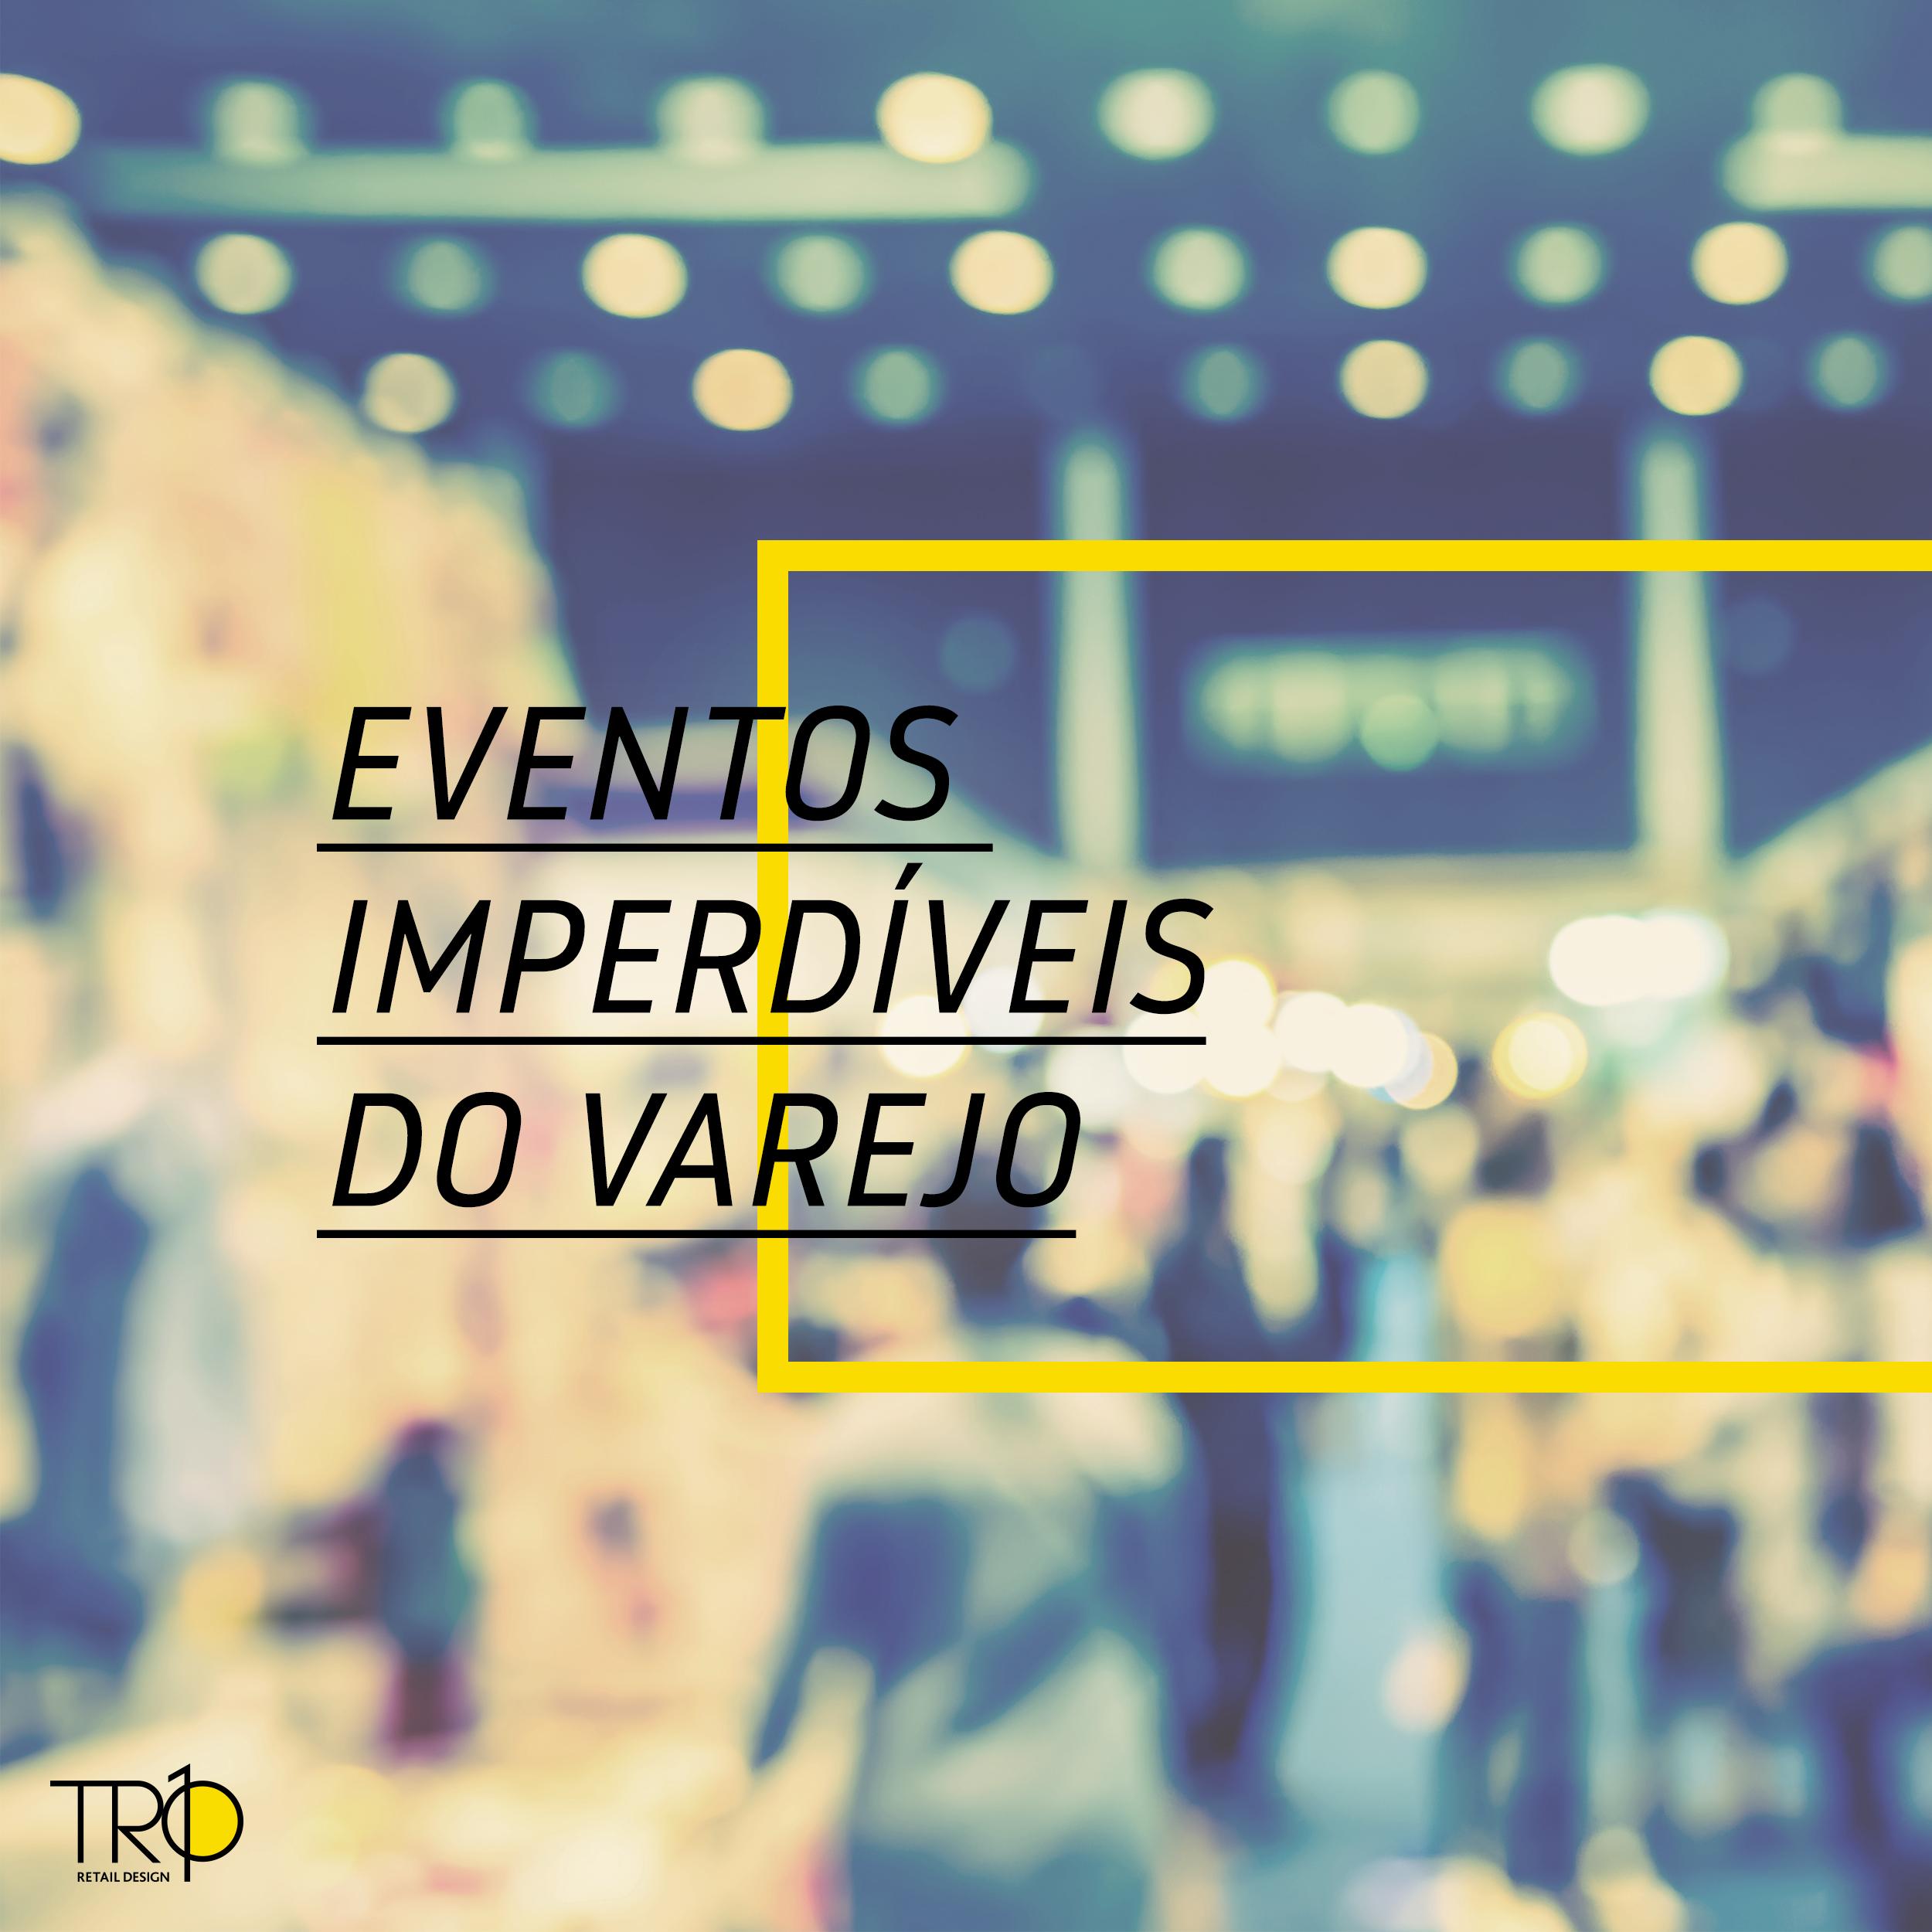 03-TR10-RedesSociais-Instagram&Facebook.jpg